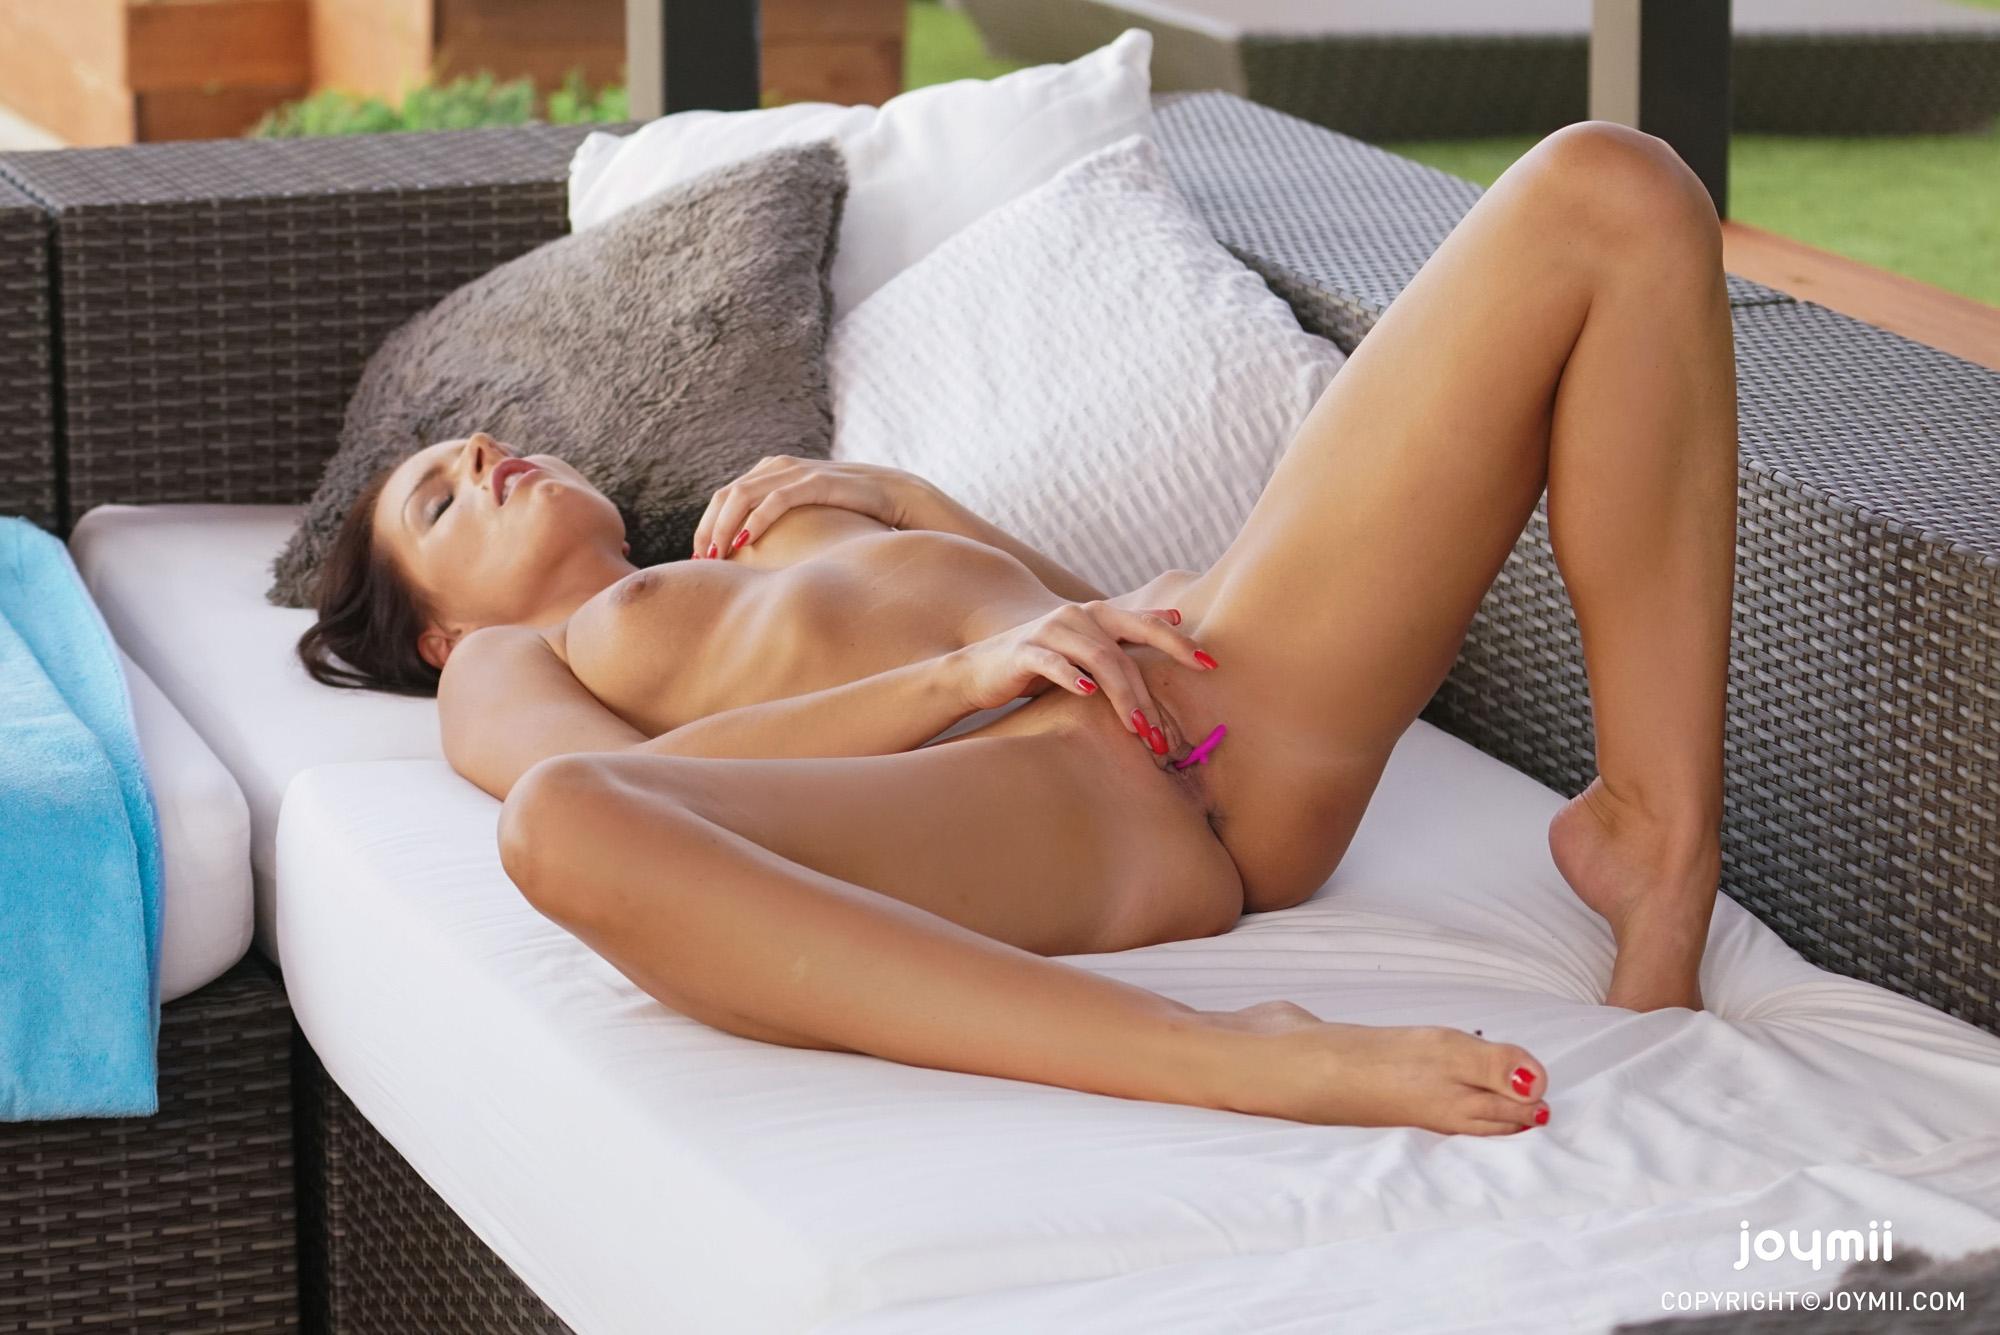 Что такое мастурбация? (онанизм)